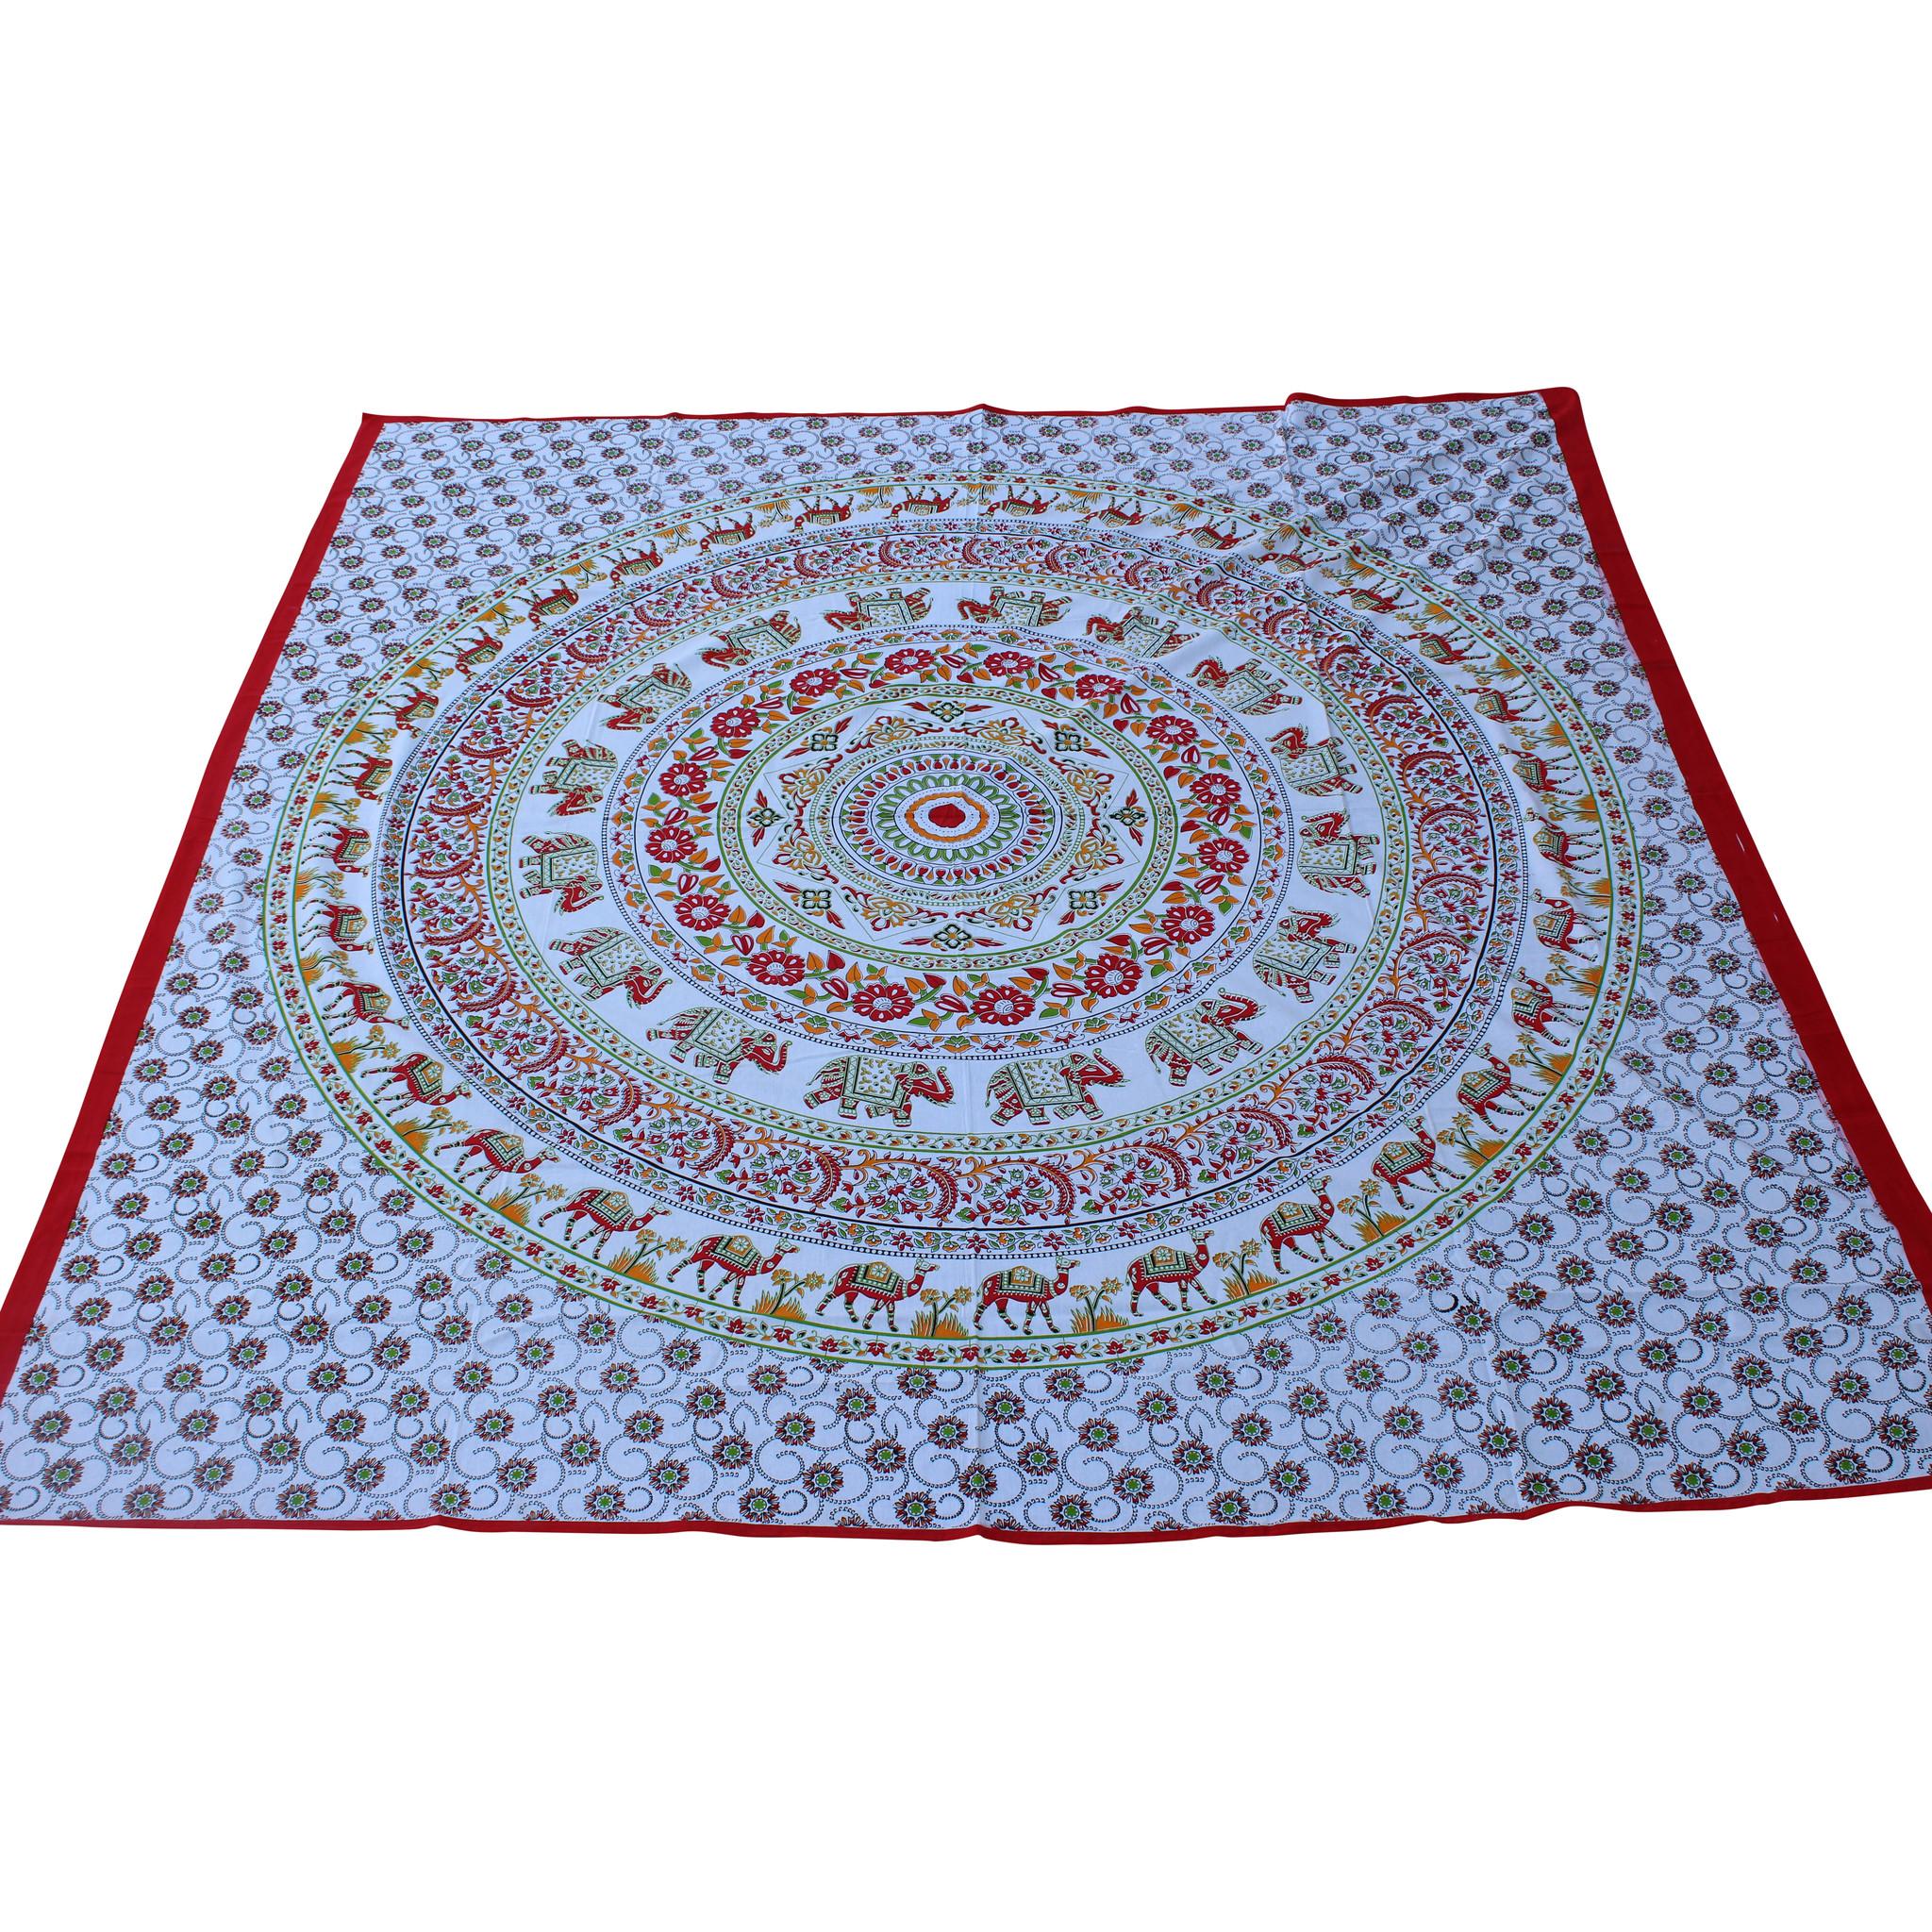 Myroundie Myroundie - roundie - vierkant strandlaken XL – yoga kleed- speelkleed - picknickkleed -100% katoen – Q27